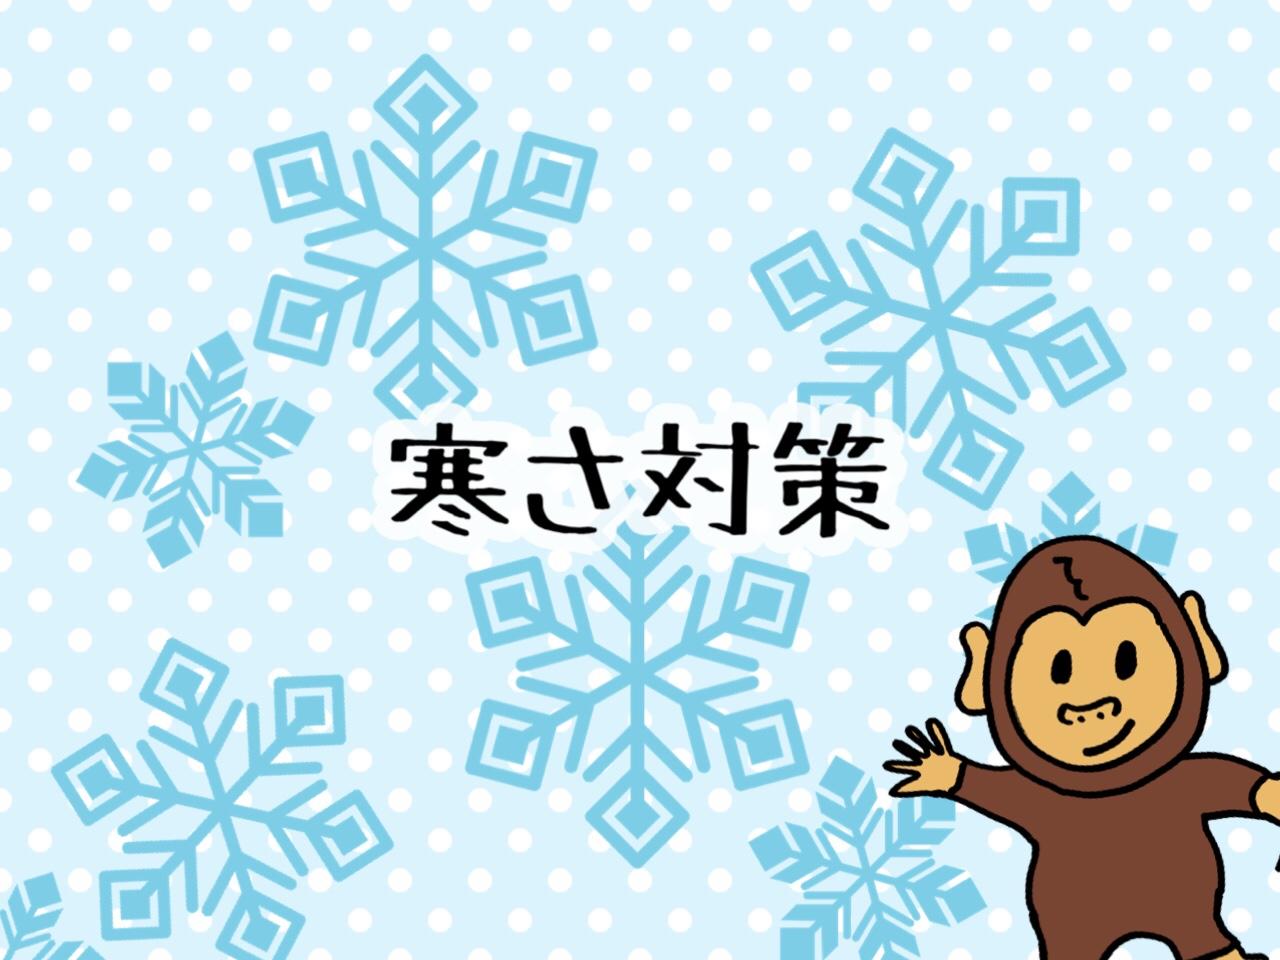 冷え性男性がしている「寒さ対策」4つ (東京在住)